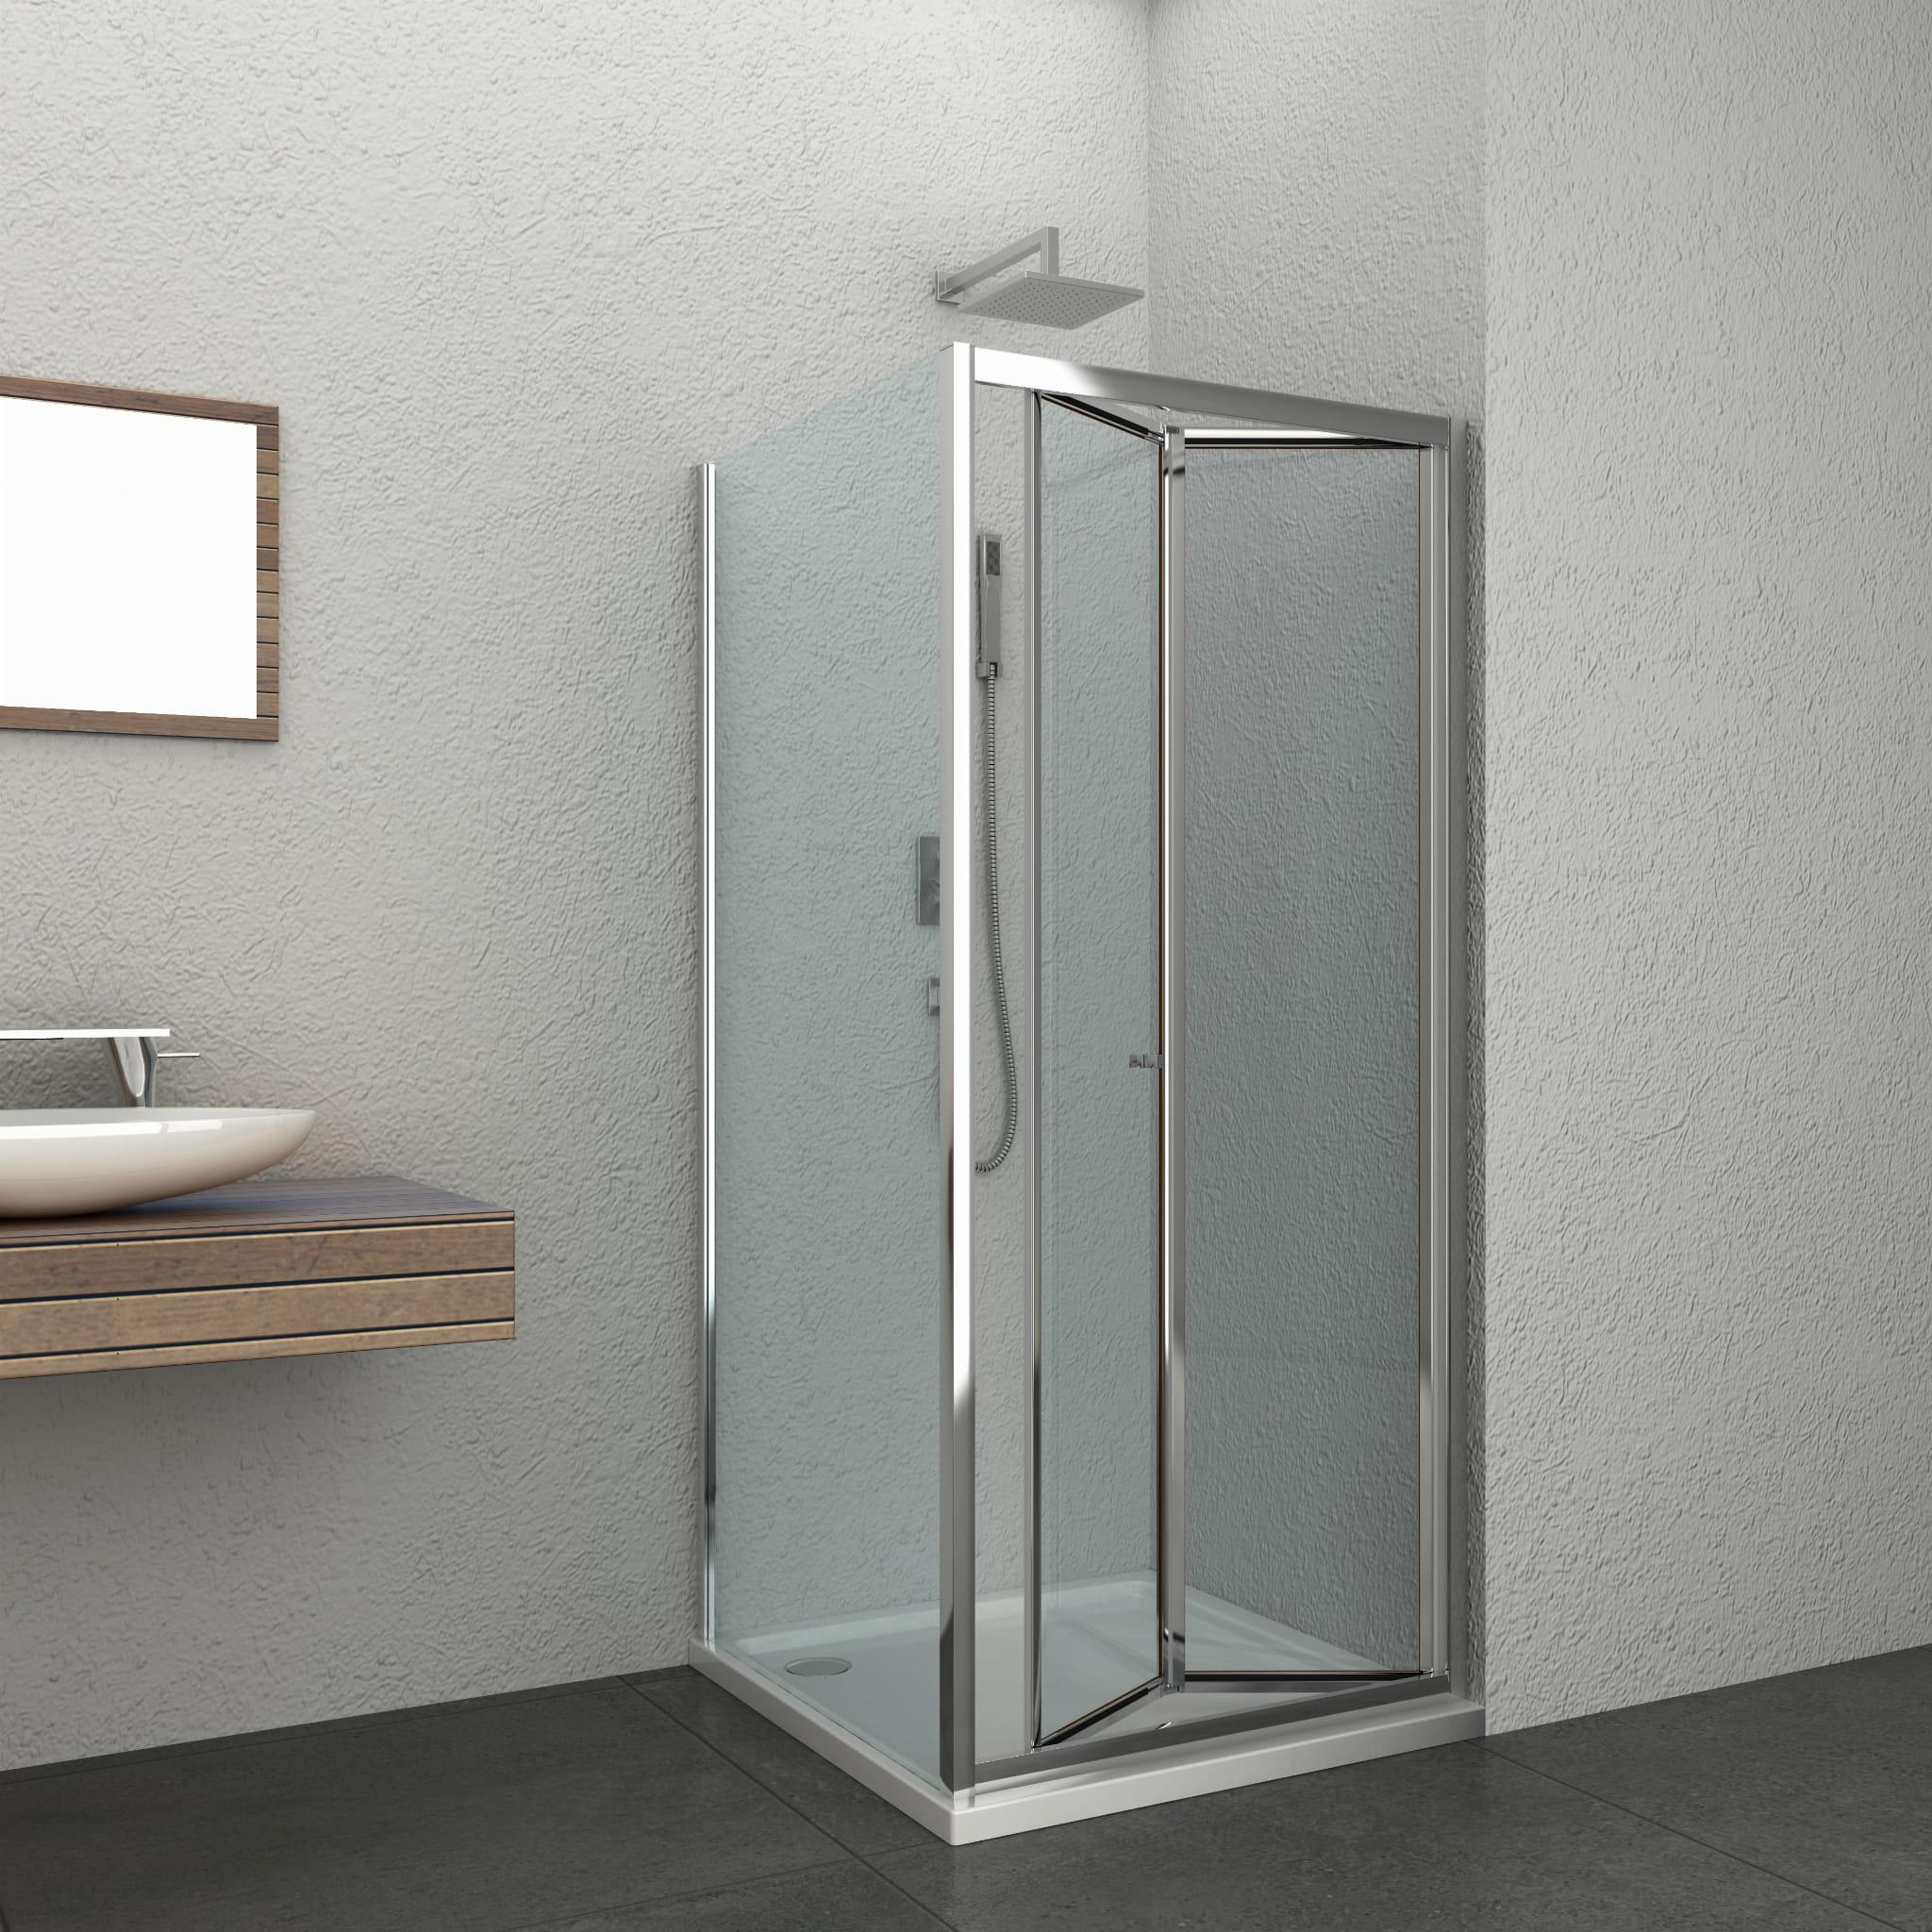 Sanotechnik - Sprchovací kút - ELITE CHROME štvorcový, výklopné dvere 80 x 80 x 195 cm